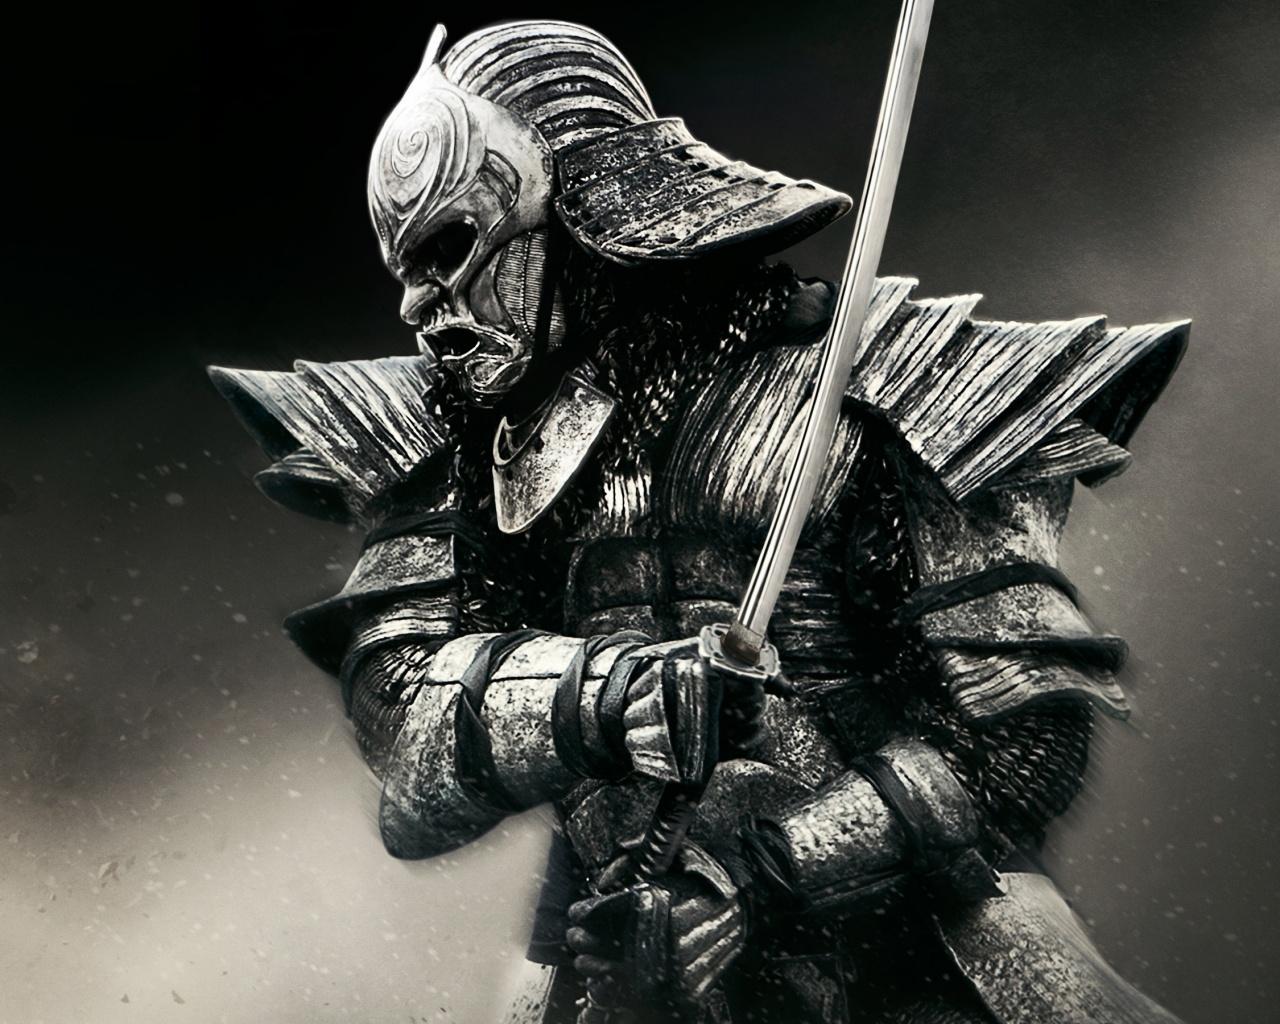 С раннего детства у самураев вырабатывали отвагу и мужество, выносливость и терпение